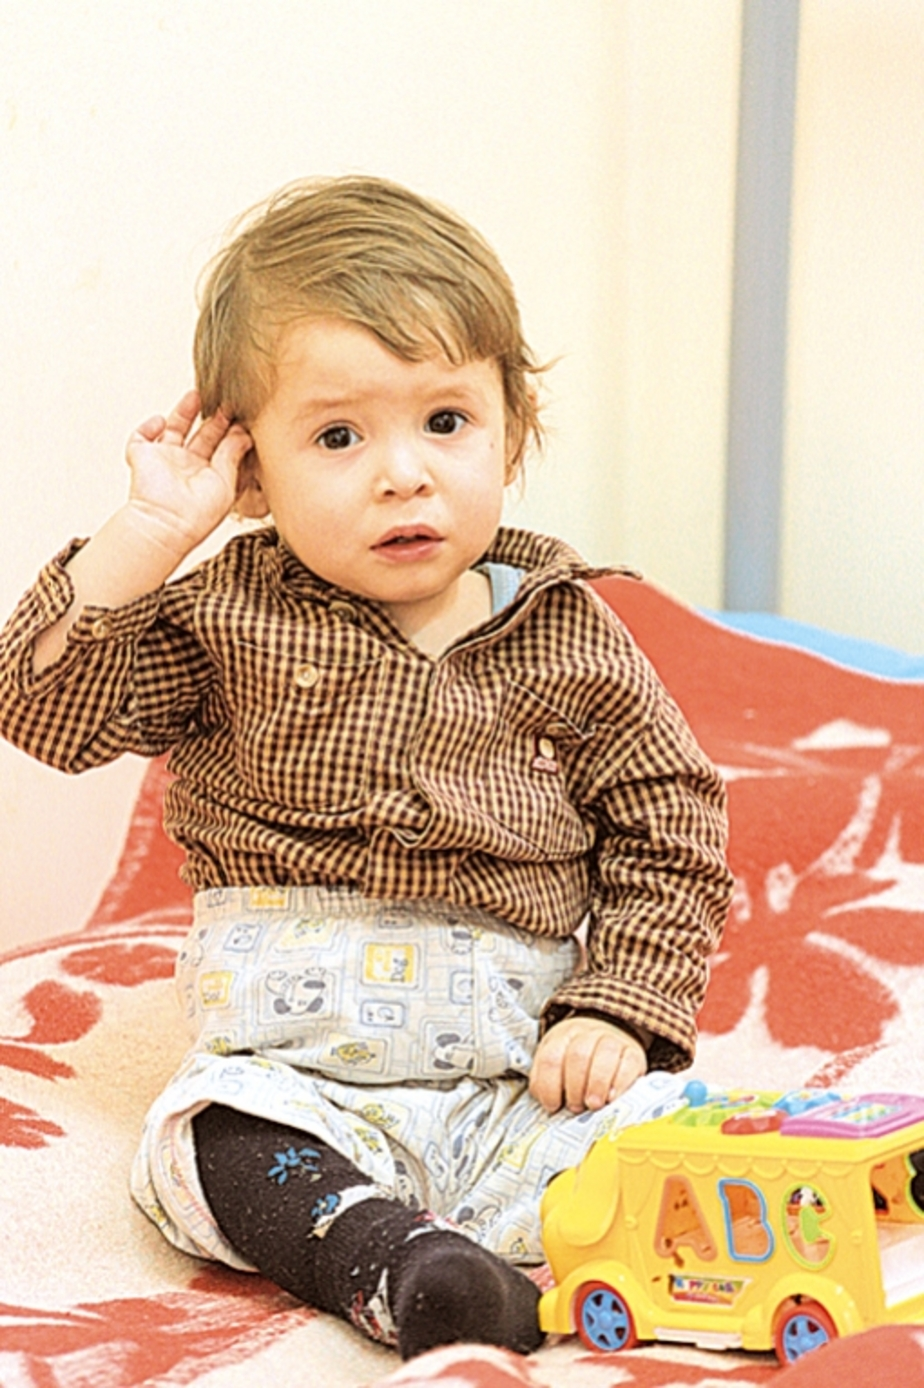 Малышу с пороком сердца выделили квоту на операцию, но у его родителей нет денег на поездку - Новости Калининграда